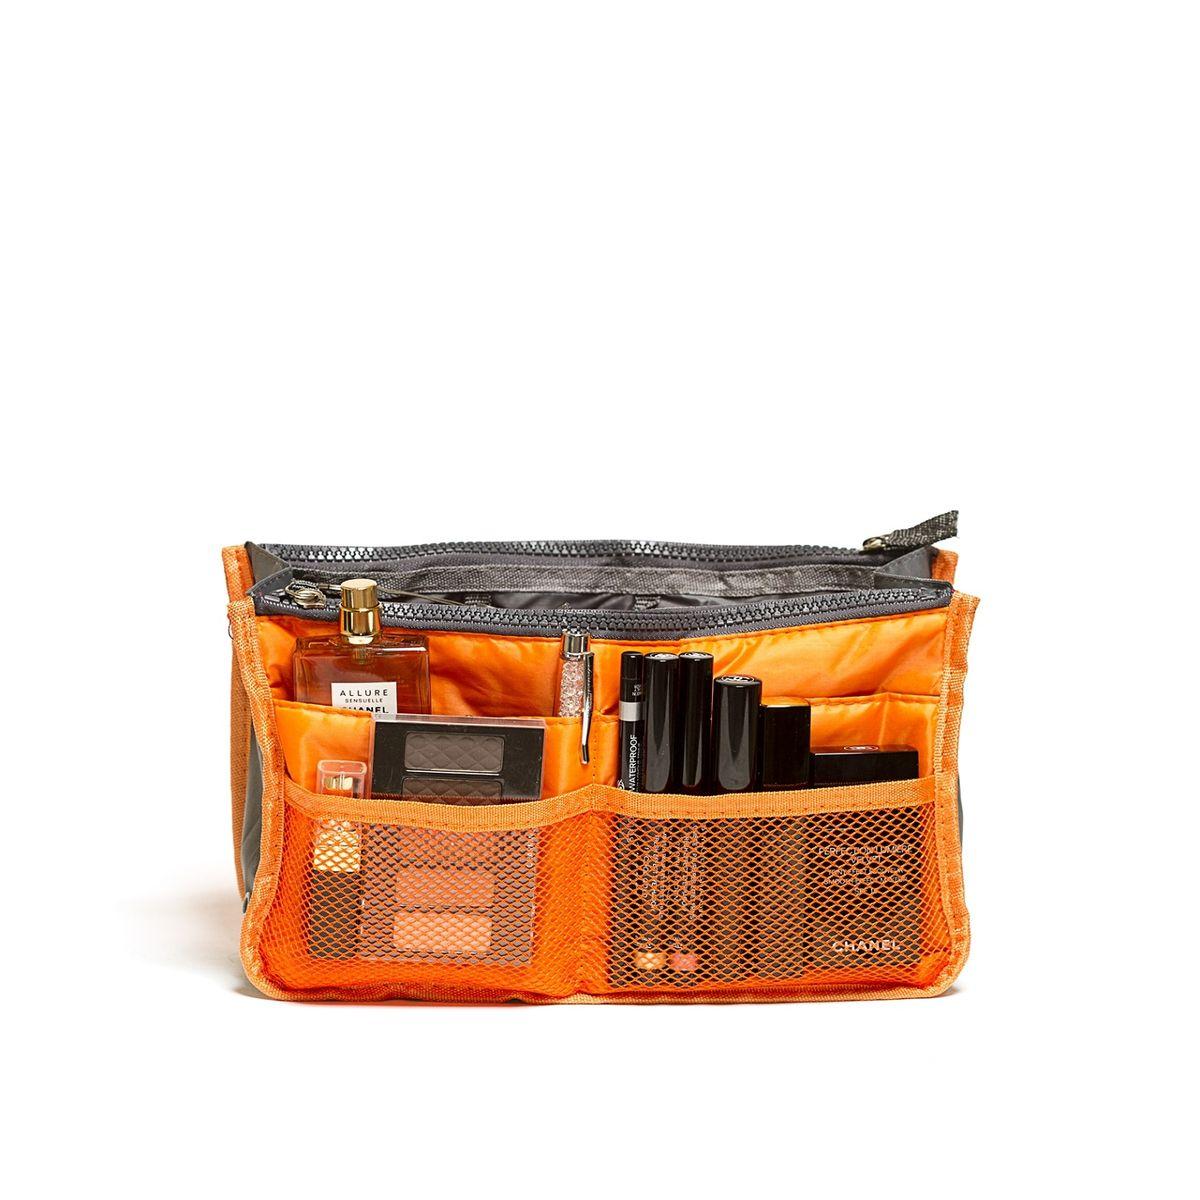 Органайзер для сумки Homsu, цвет: оранжевый, 30 x 8,5 x 18,5 смHOM-144Органайзер для сумки Homsu выполнен из полиэстера и текстиля. Этот органайзер для сумки имеет три вместительных отделениях для вещей, четыре кармашка по бокам и шесть кармашков в виде сетки. Такой органайзер обеспечит полный порядок в вашей сумке. Данный аксессуар обладает быстрой регулировкой толщины с помощью кнопок. Органайзер оснащен двумя крепкими ручками, что позволяет применять его и вне сумки.